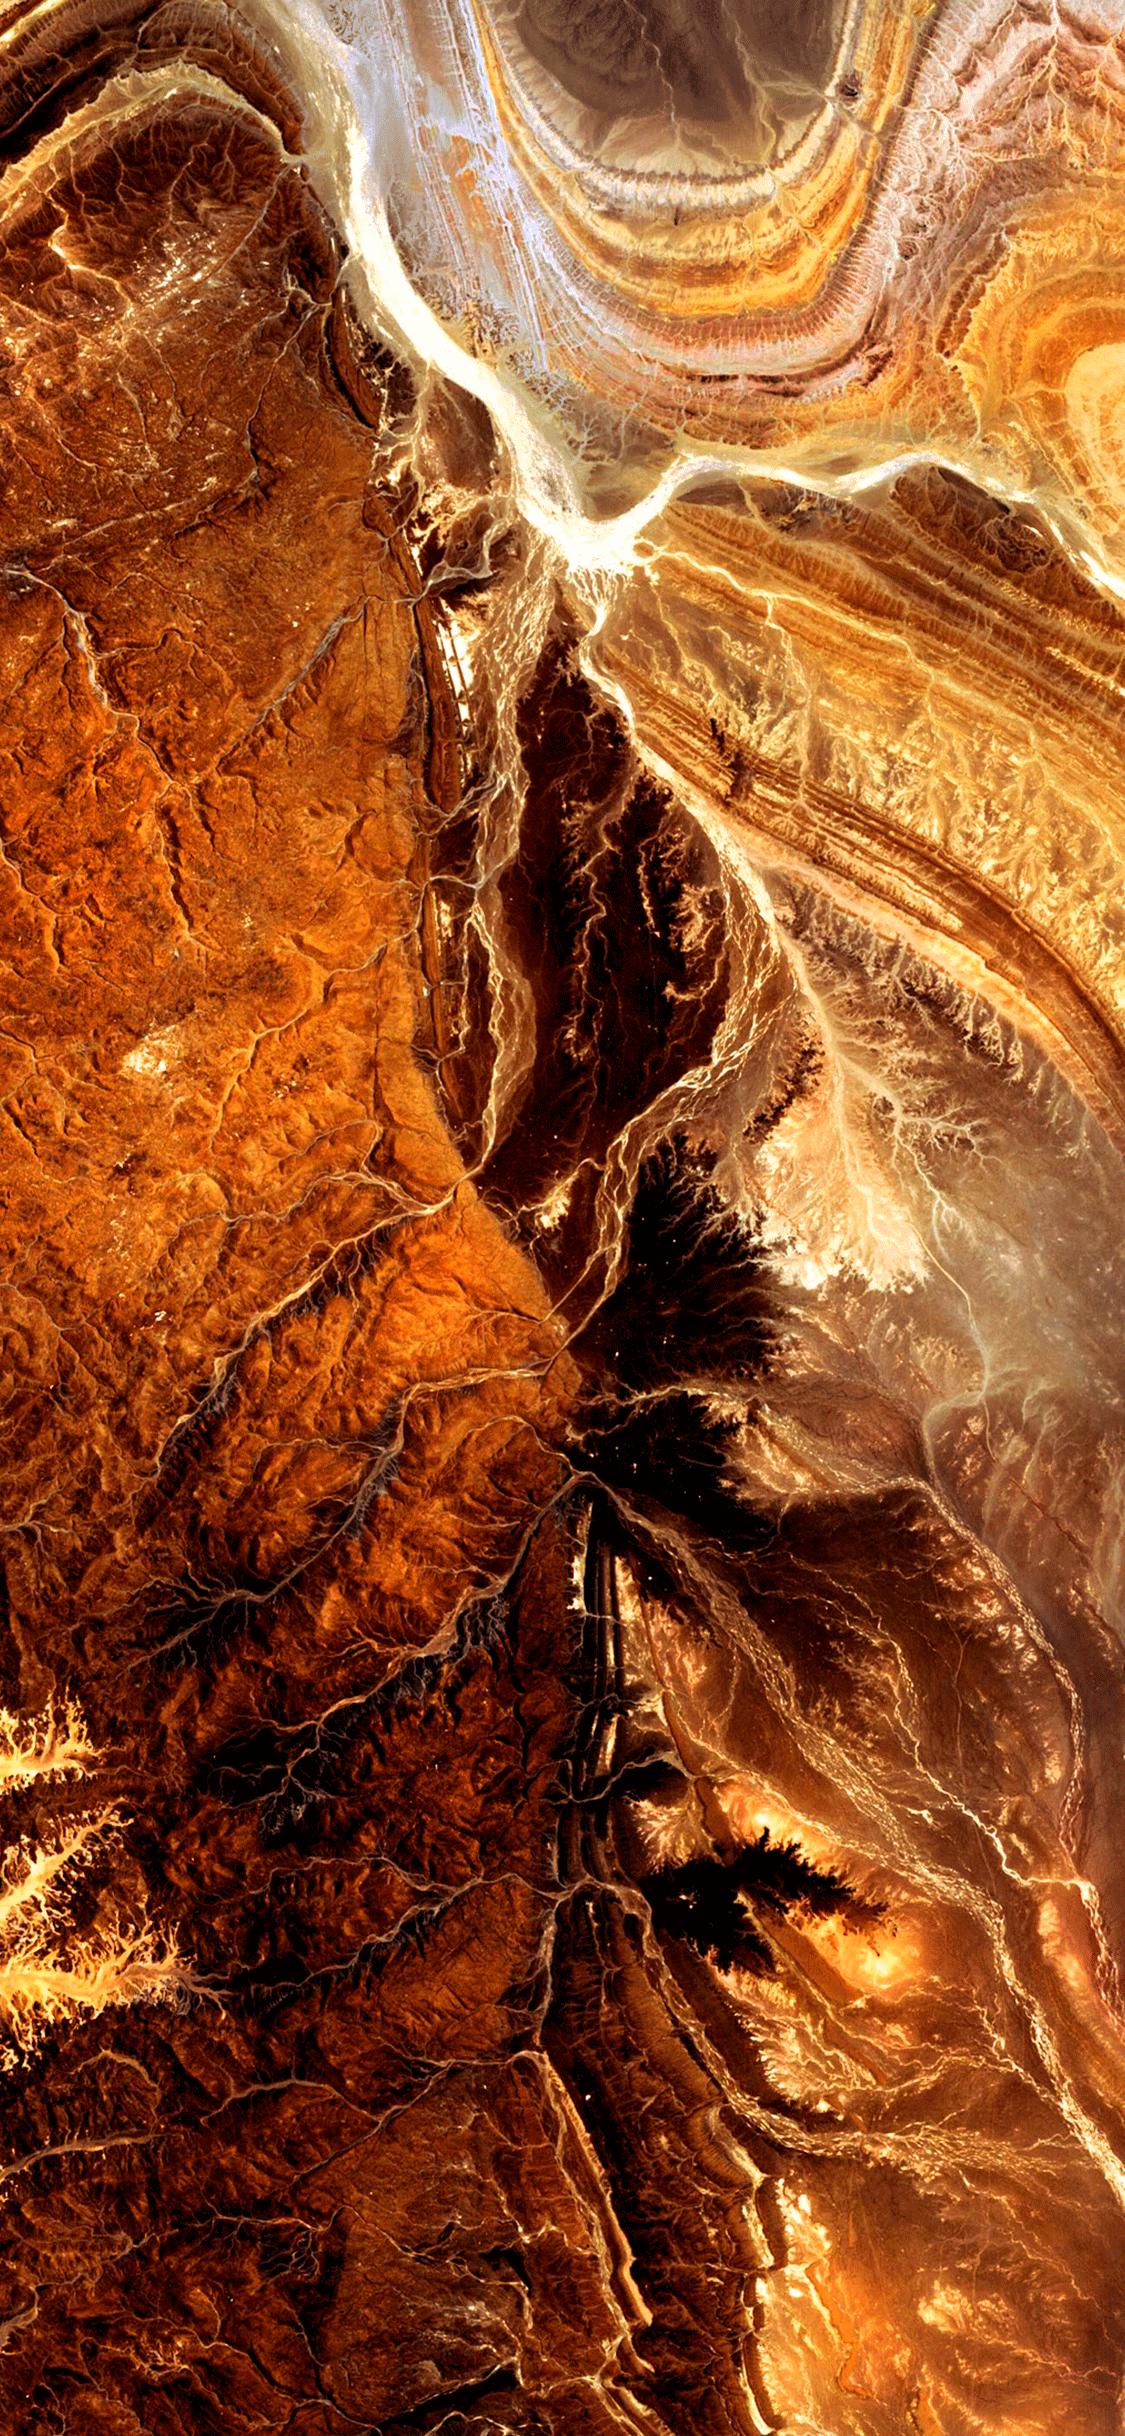 iPhone wallpaper satellite images algerian sahara Fonds d'écran iPhone du 11/07/2018